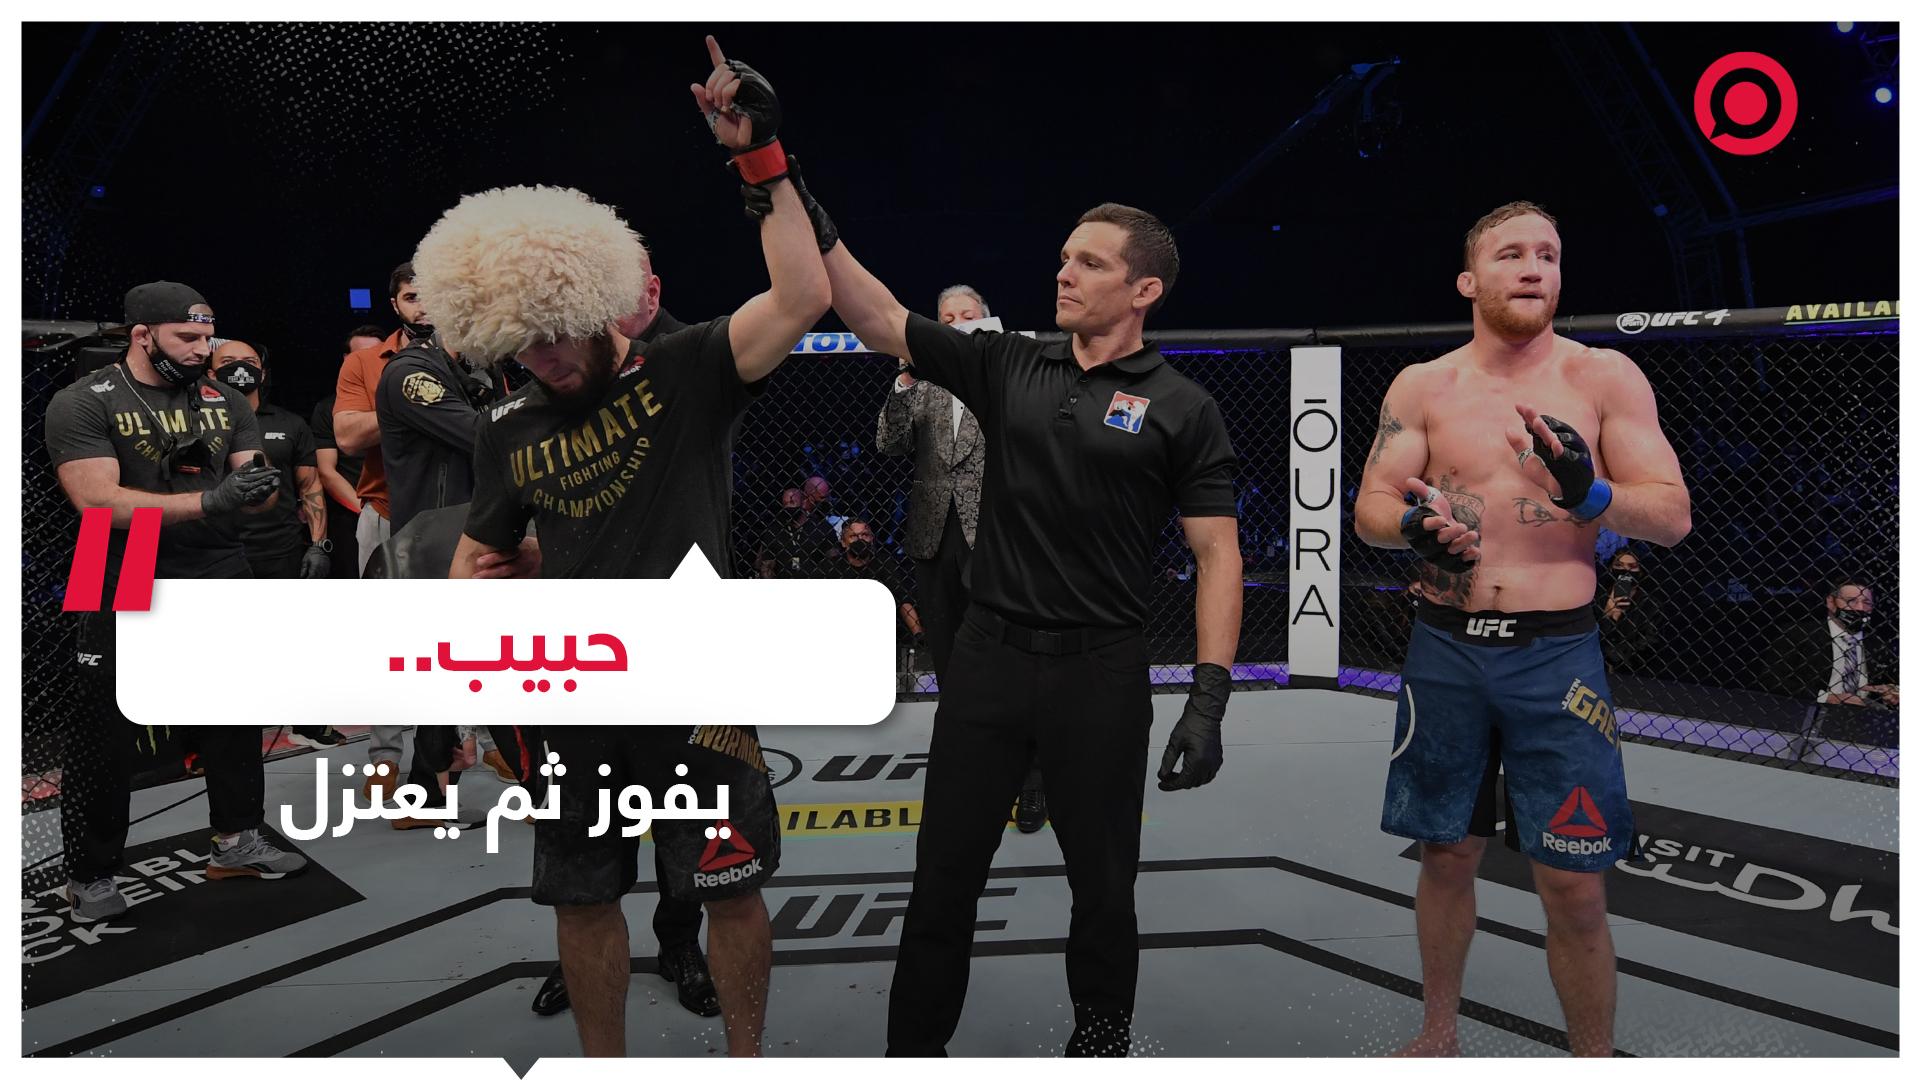 احتفالات كبيرة في داغستان بفوز البطل حبيب نور محمدوف